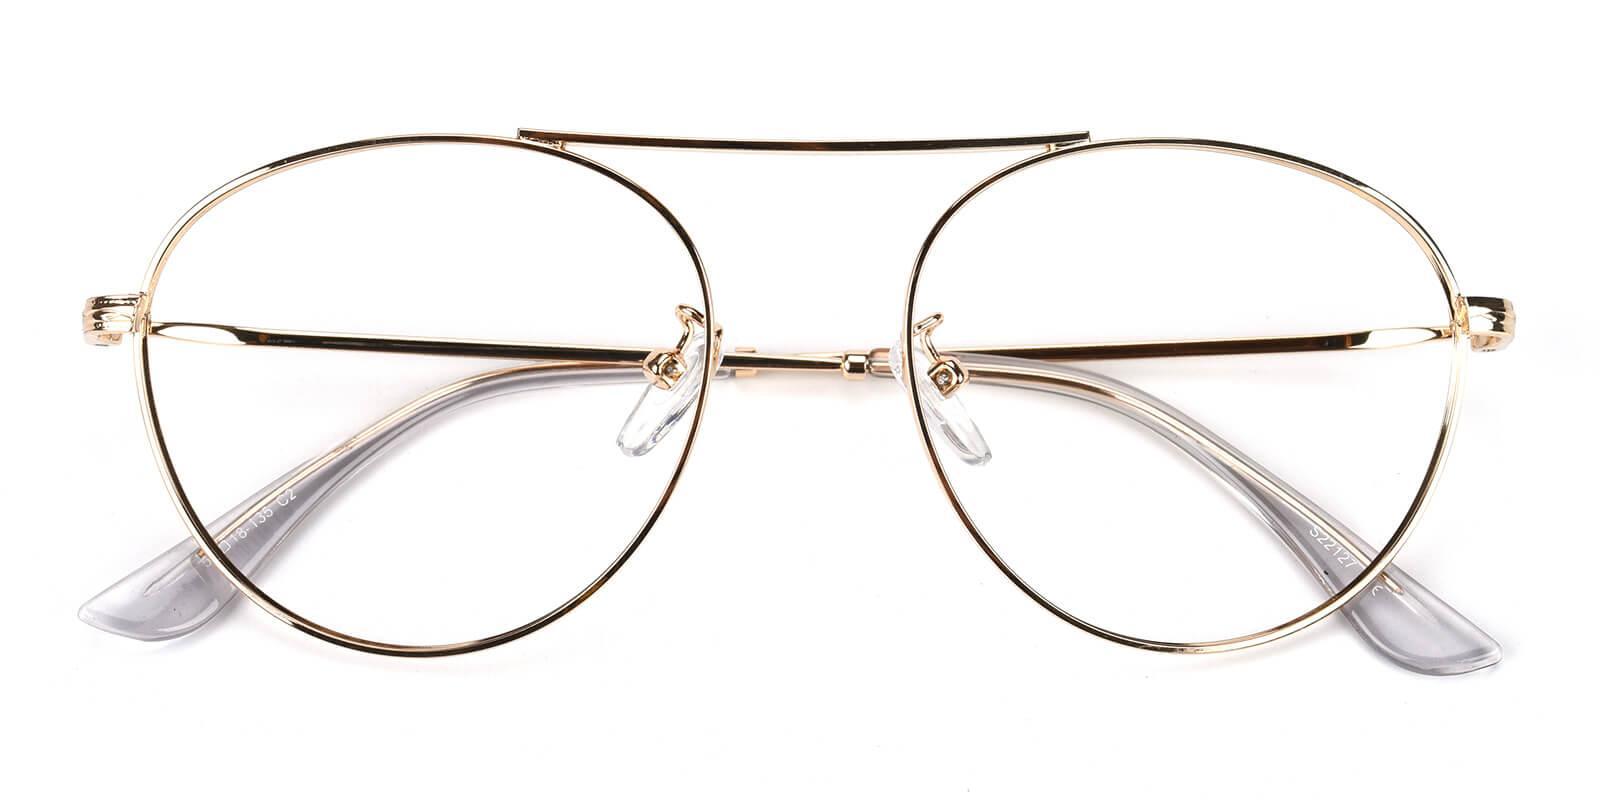 Hermoso-Gold-Aviator-Metal-Eyeglasses-detail